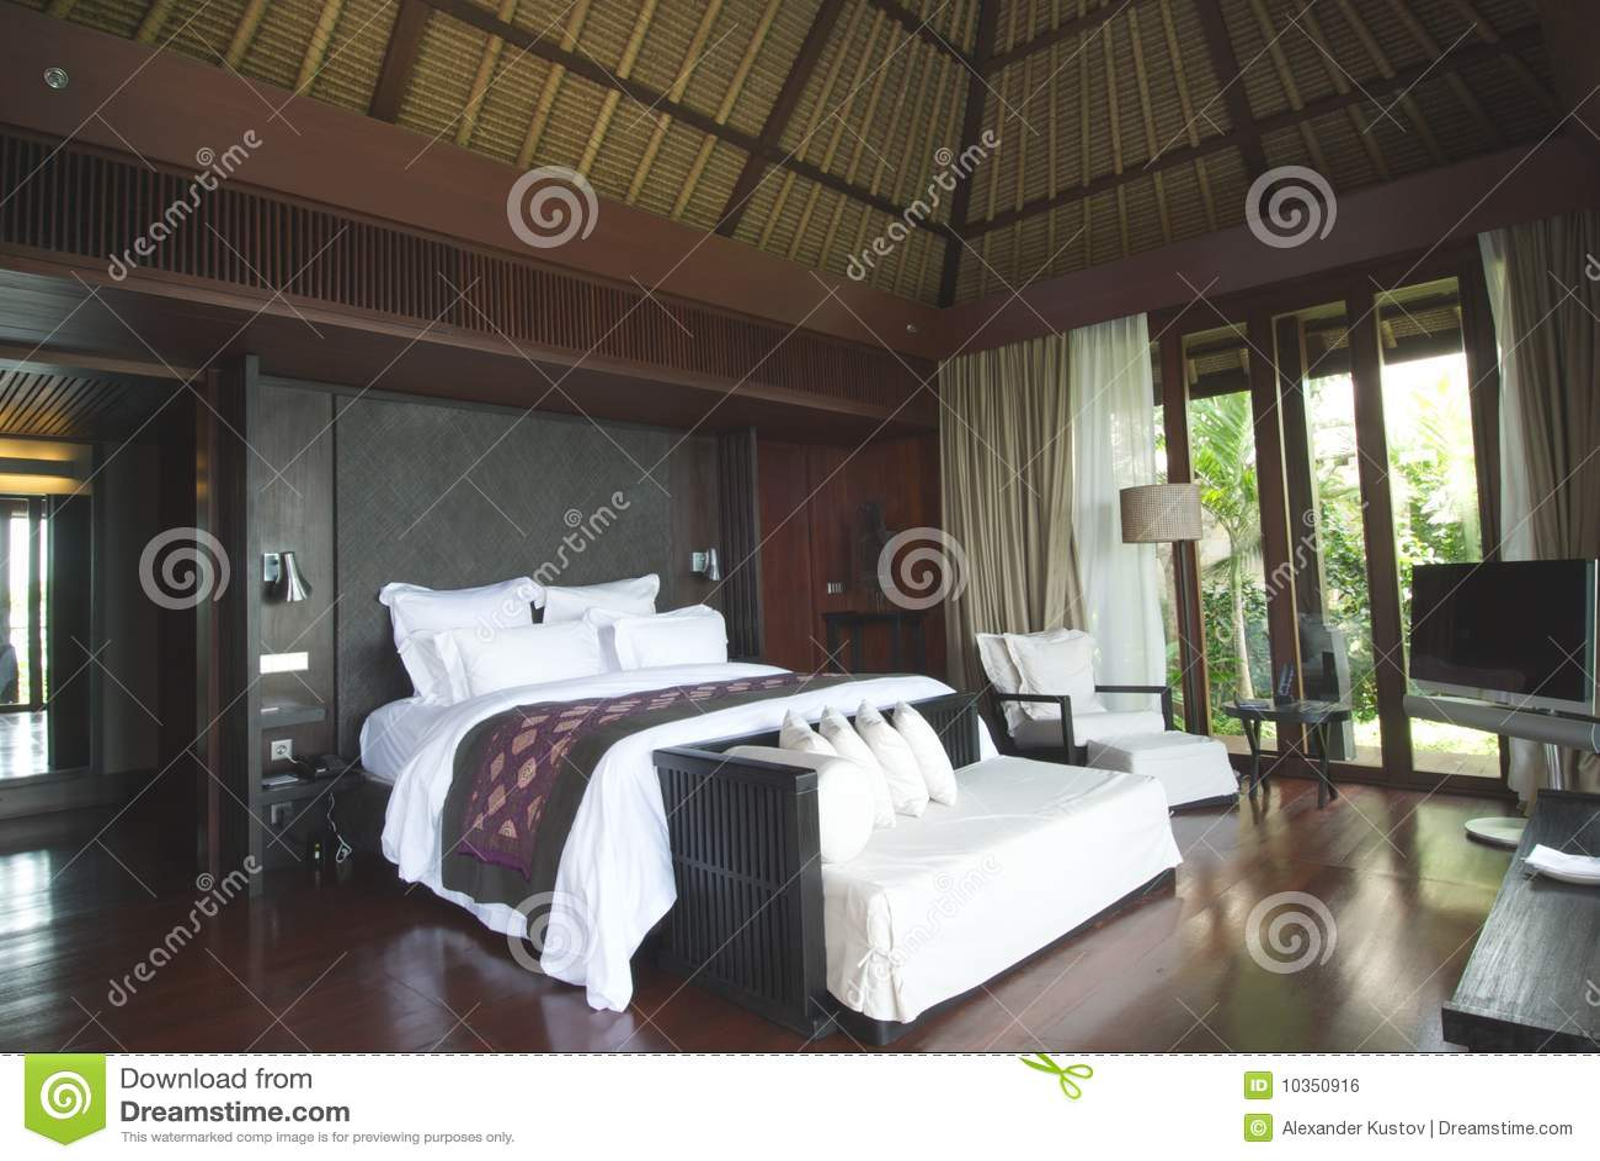 Luxe d 39 int rieur de chambre coucher image libre de for Interieur de chambre a coucher